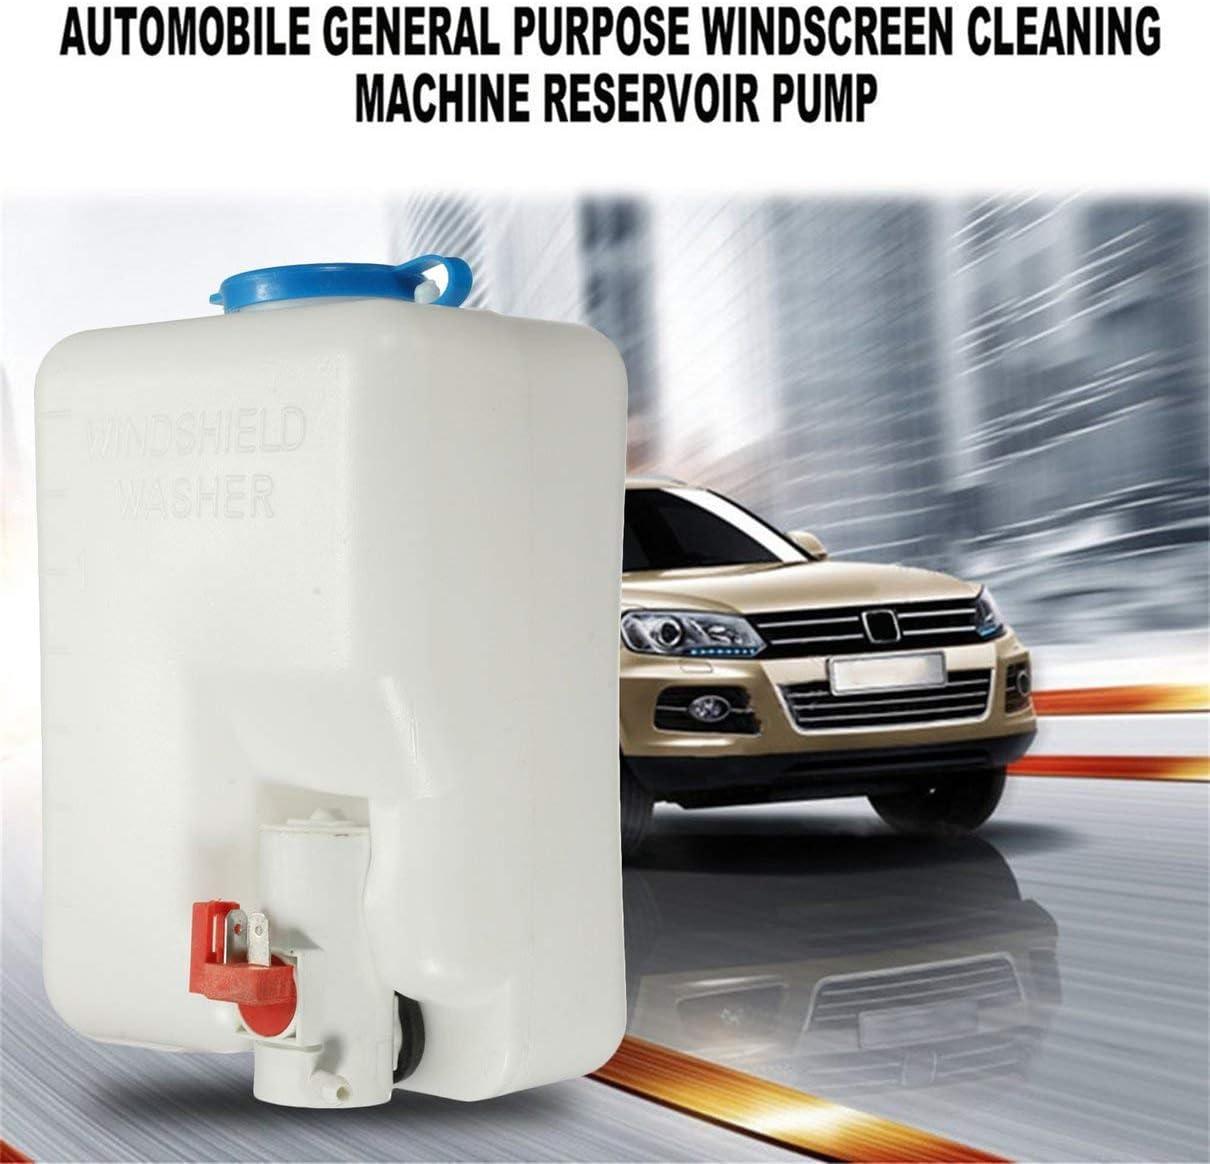 Kit de bouteille de pompe de r/éservoir de lave-glace de voiture classique universel de 12V Togames-FR outil propre et facile /à utiliser interrupteur /à jet blanc